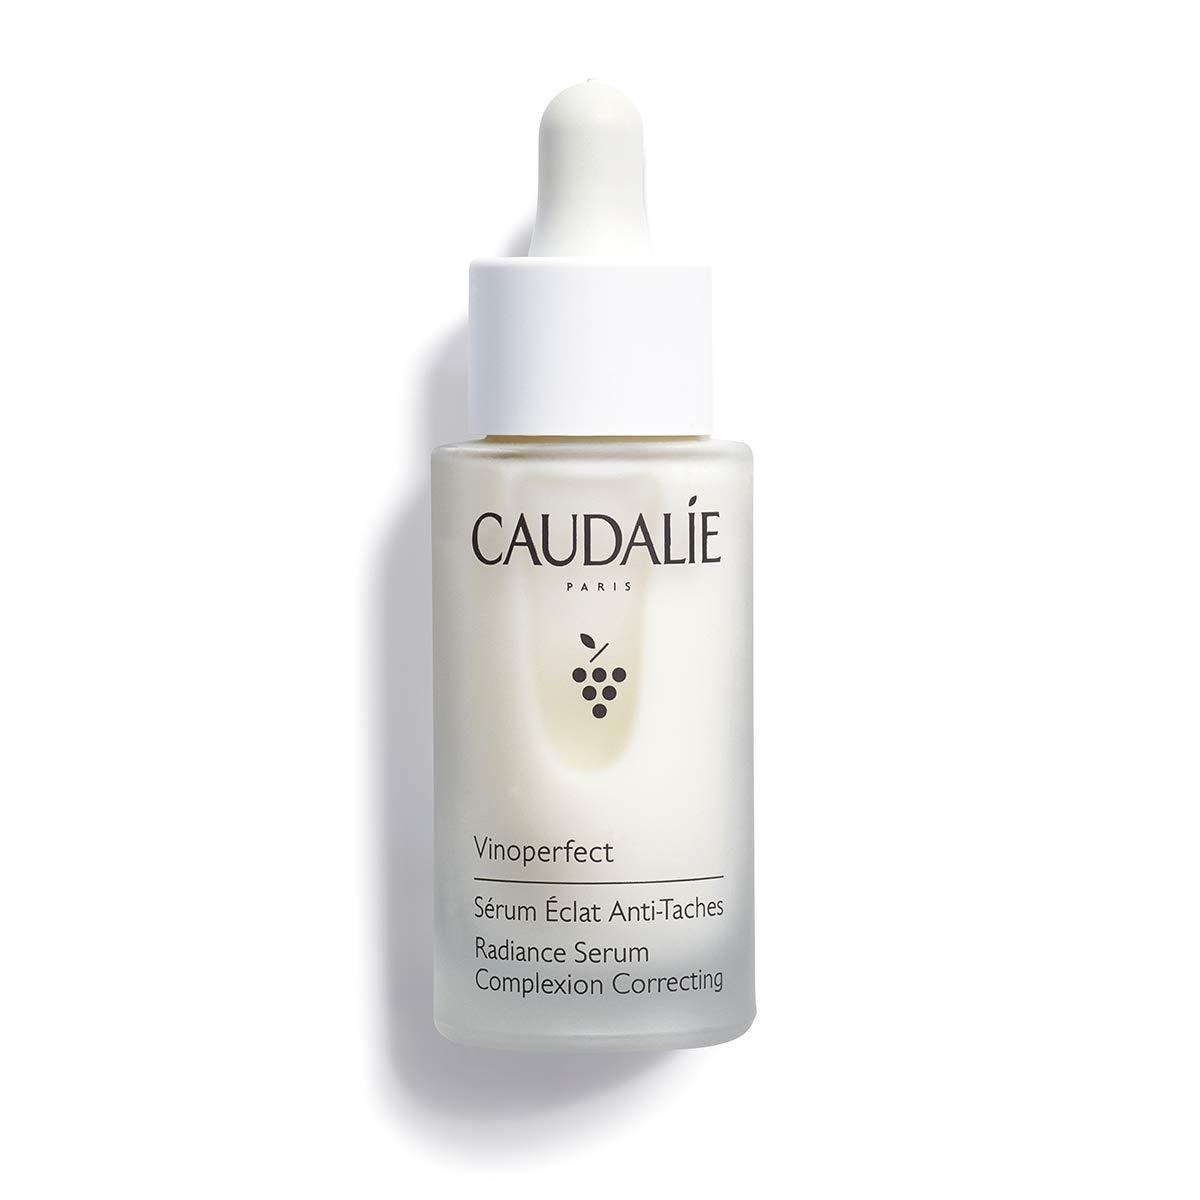 Caudalie Vinoperfect Brightening Radiance Serum: Anti-Dark Spot Serum to Visibly Brighten + Even Skin Tone- 1 Oz